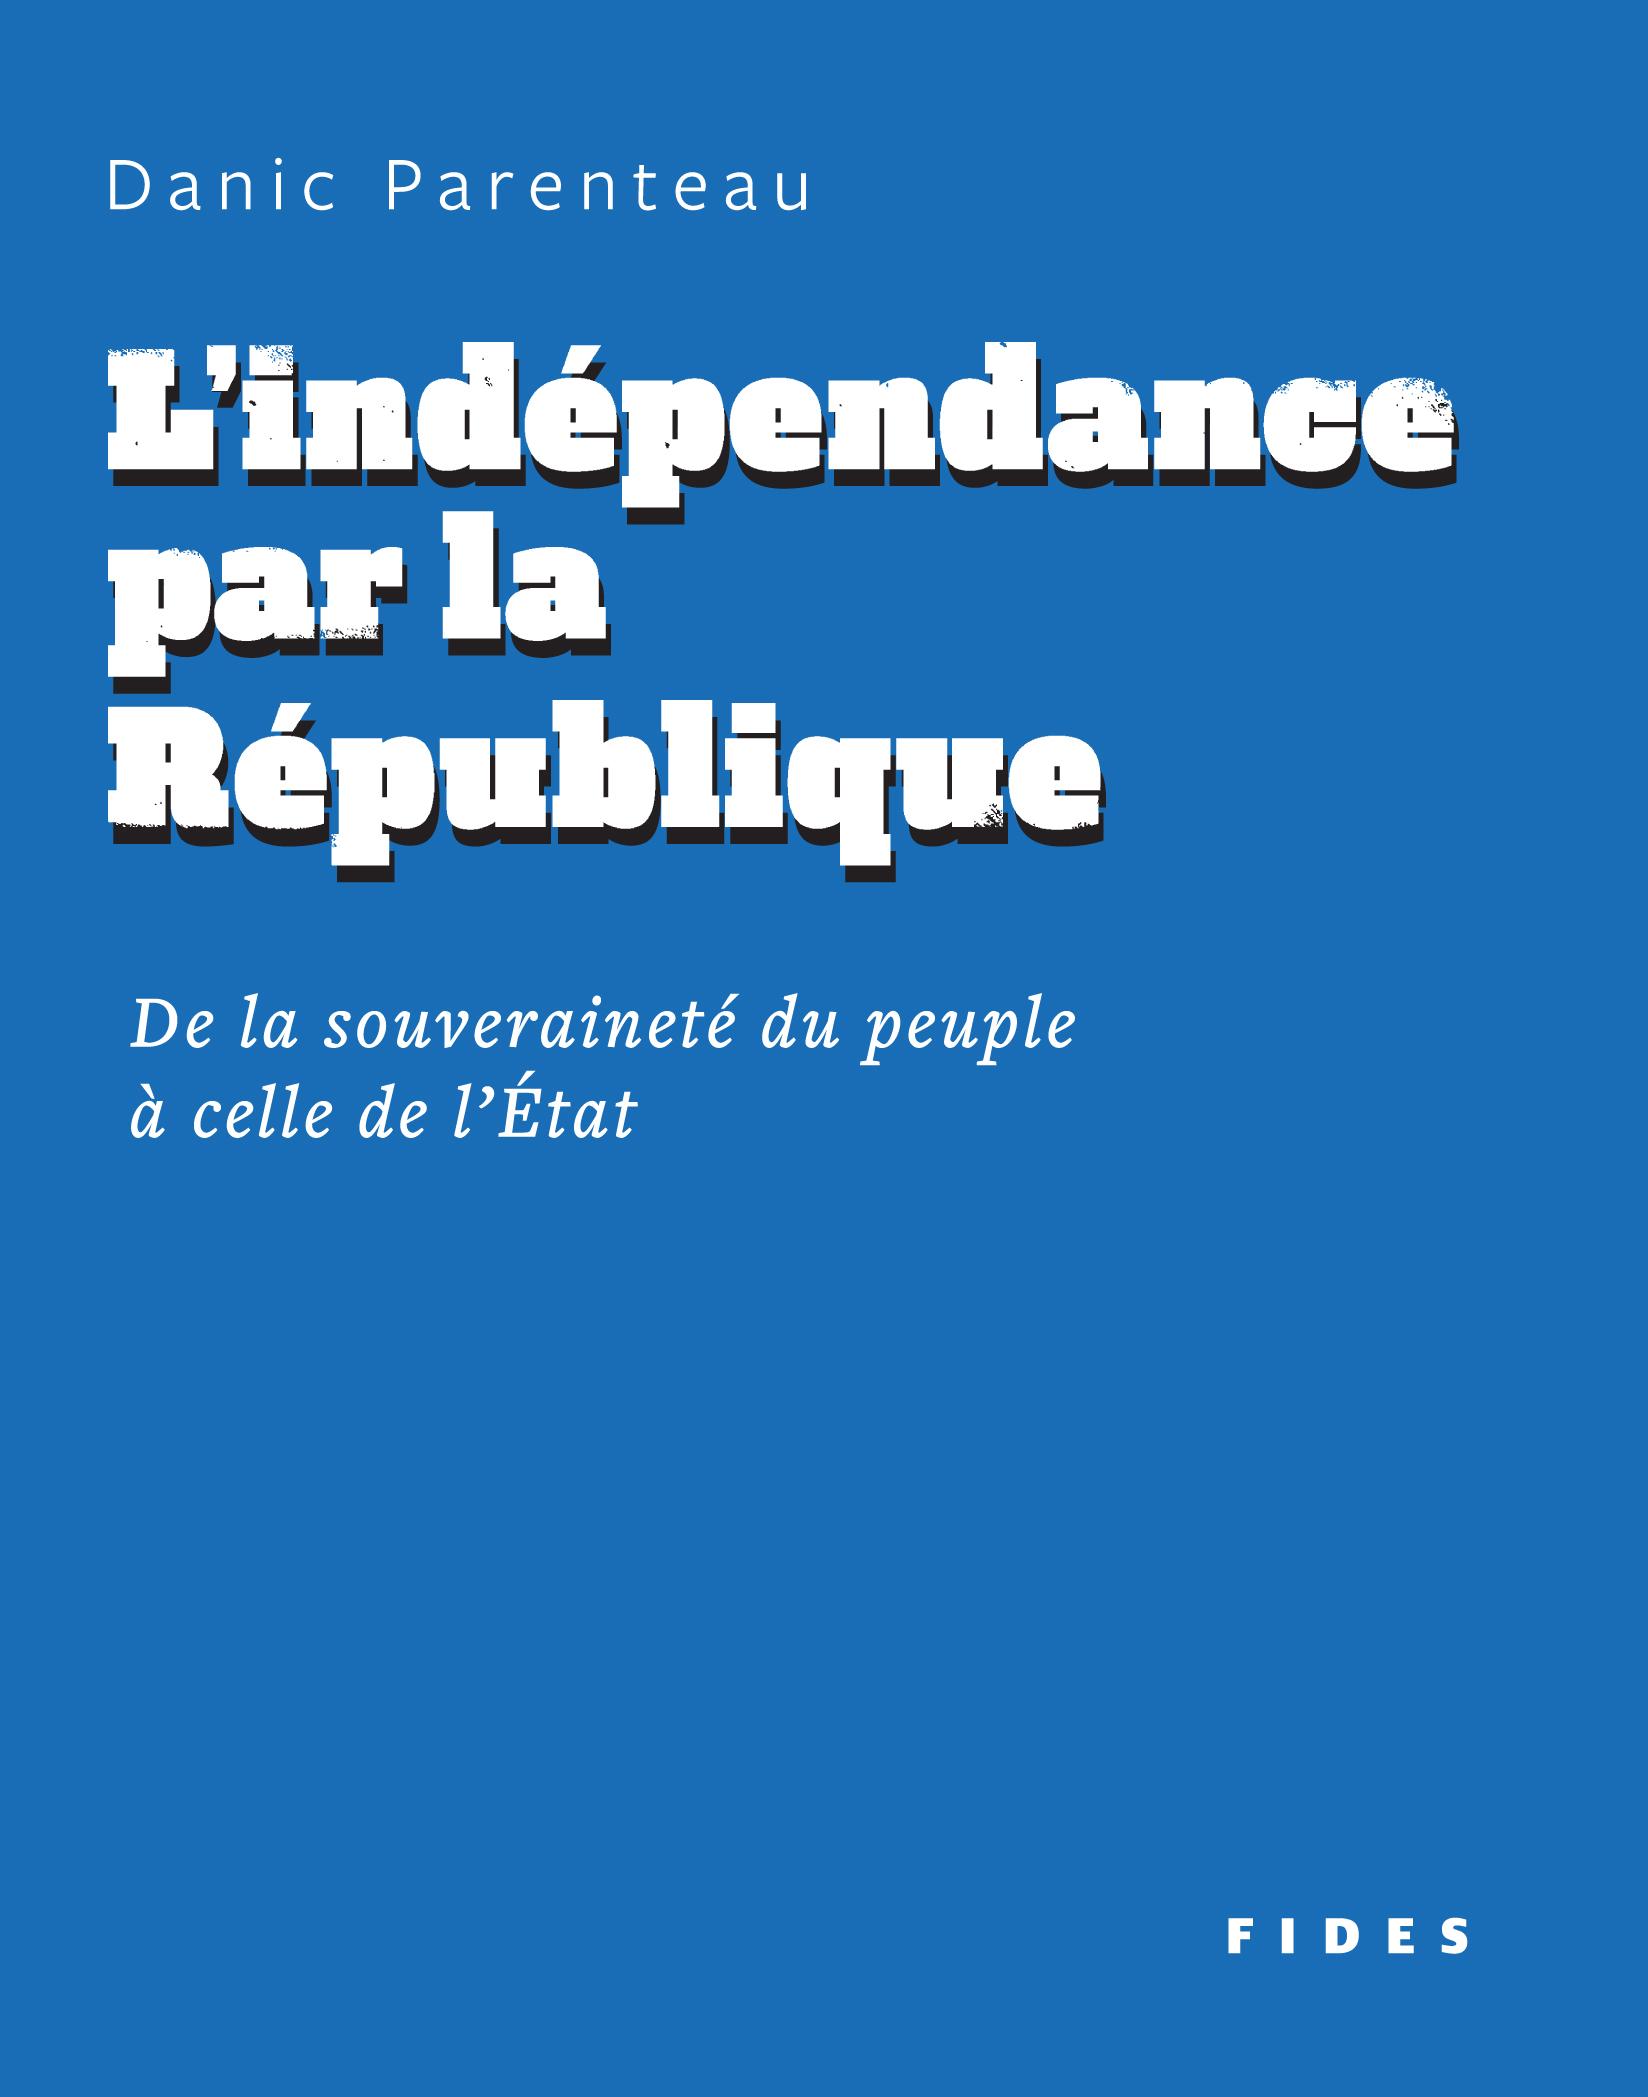 L'indépendance par la République, De la souveraineté du peuple à celle de l'État